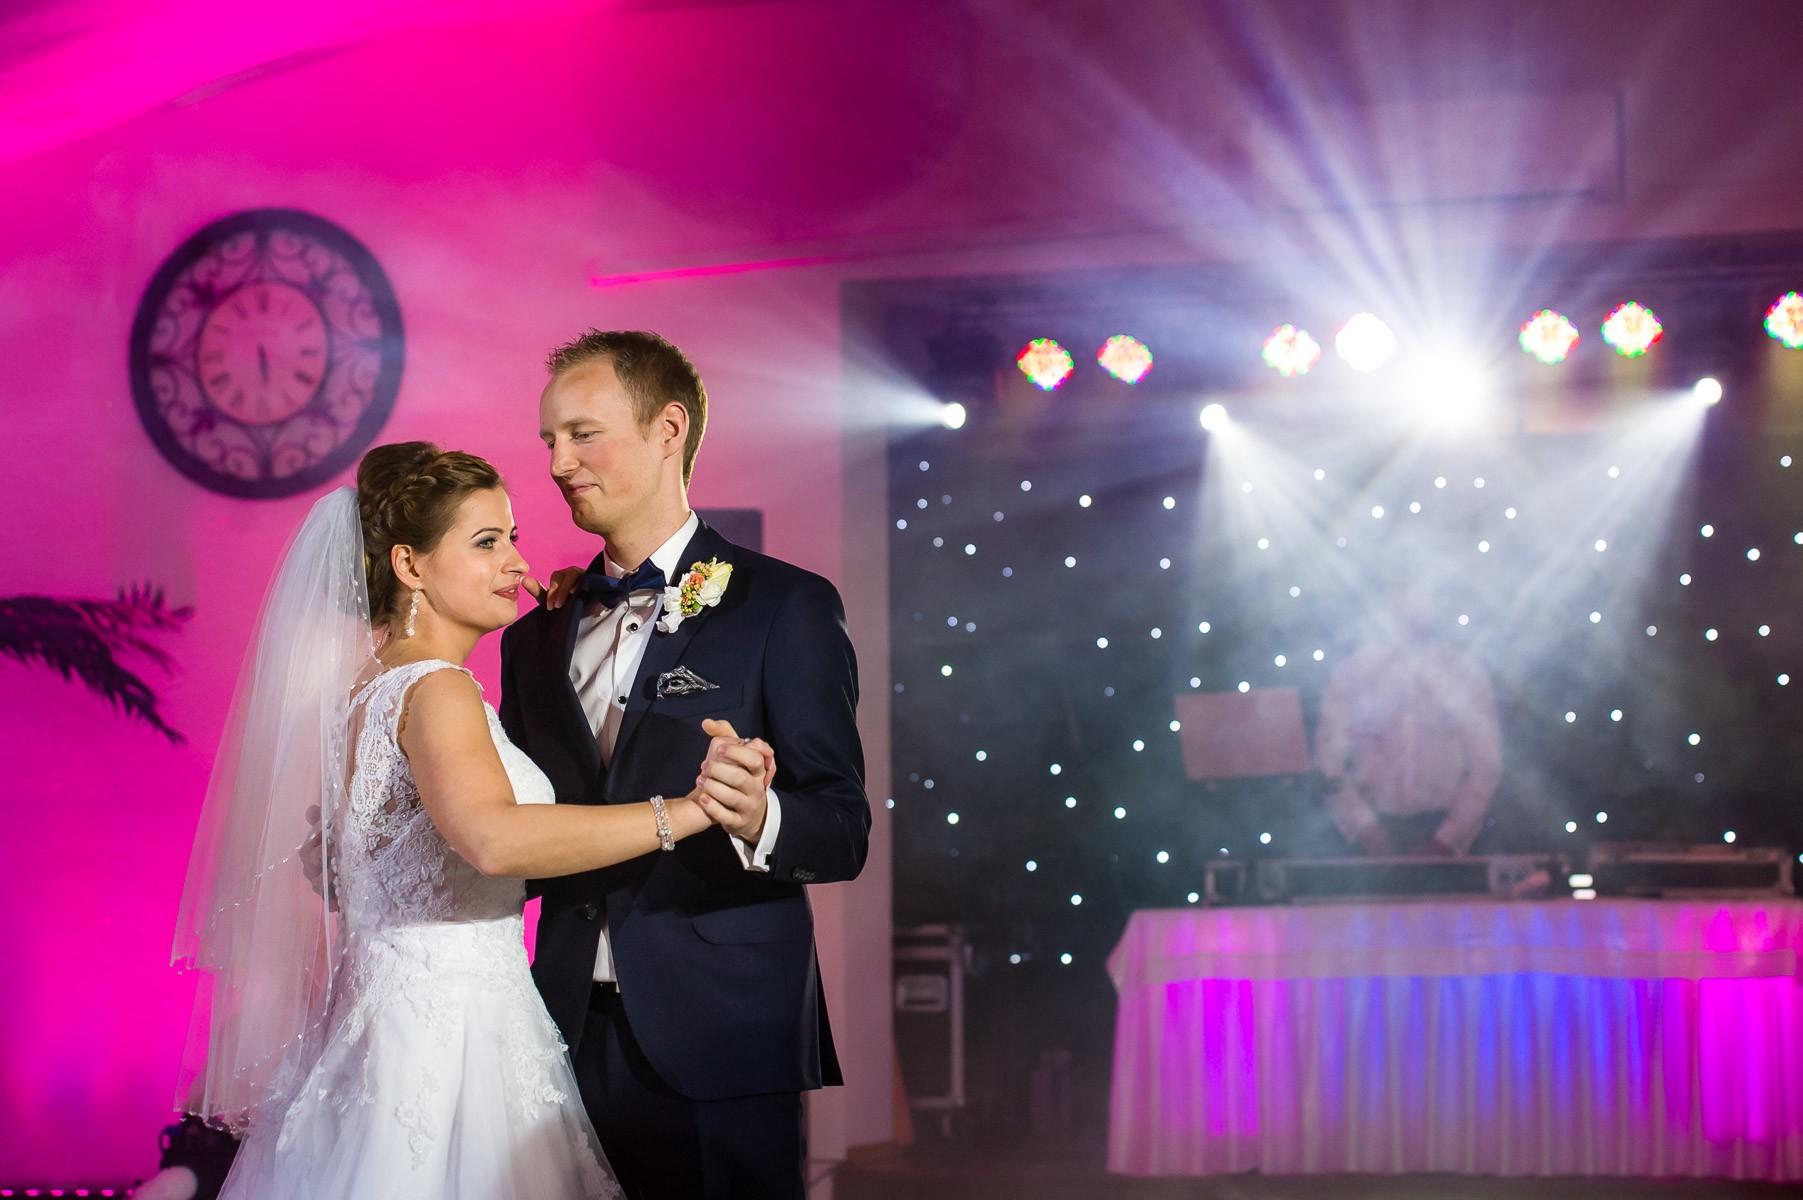 piękne zdjęcia ślubne Śląsk Małopolska